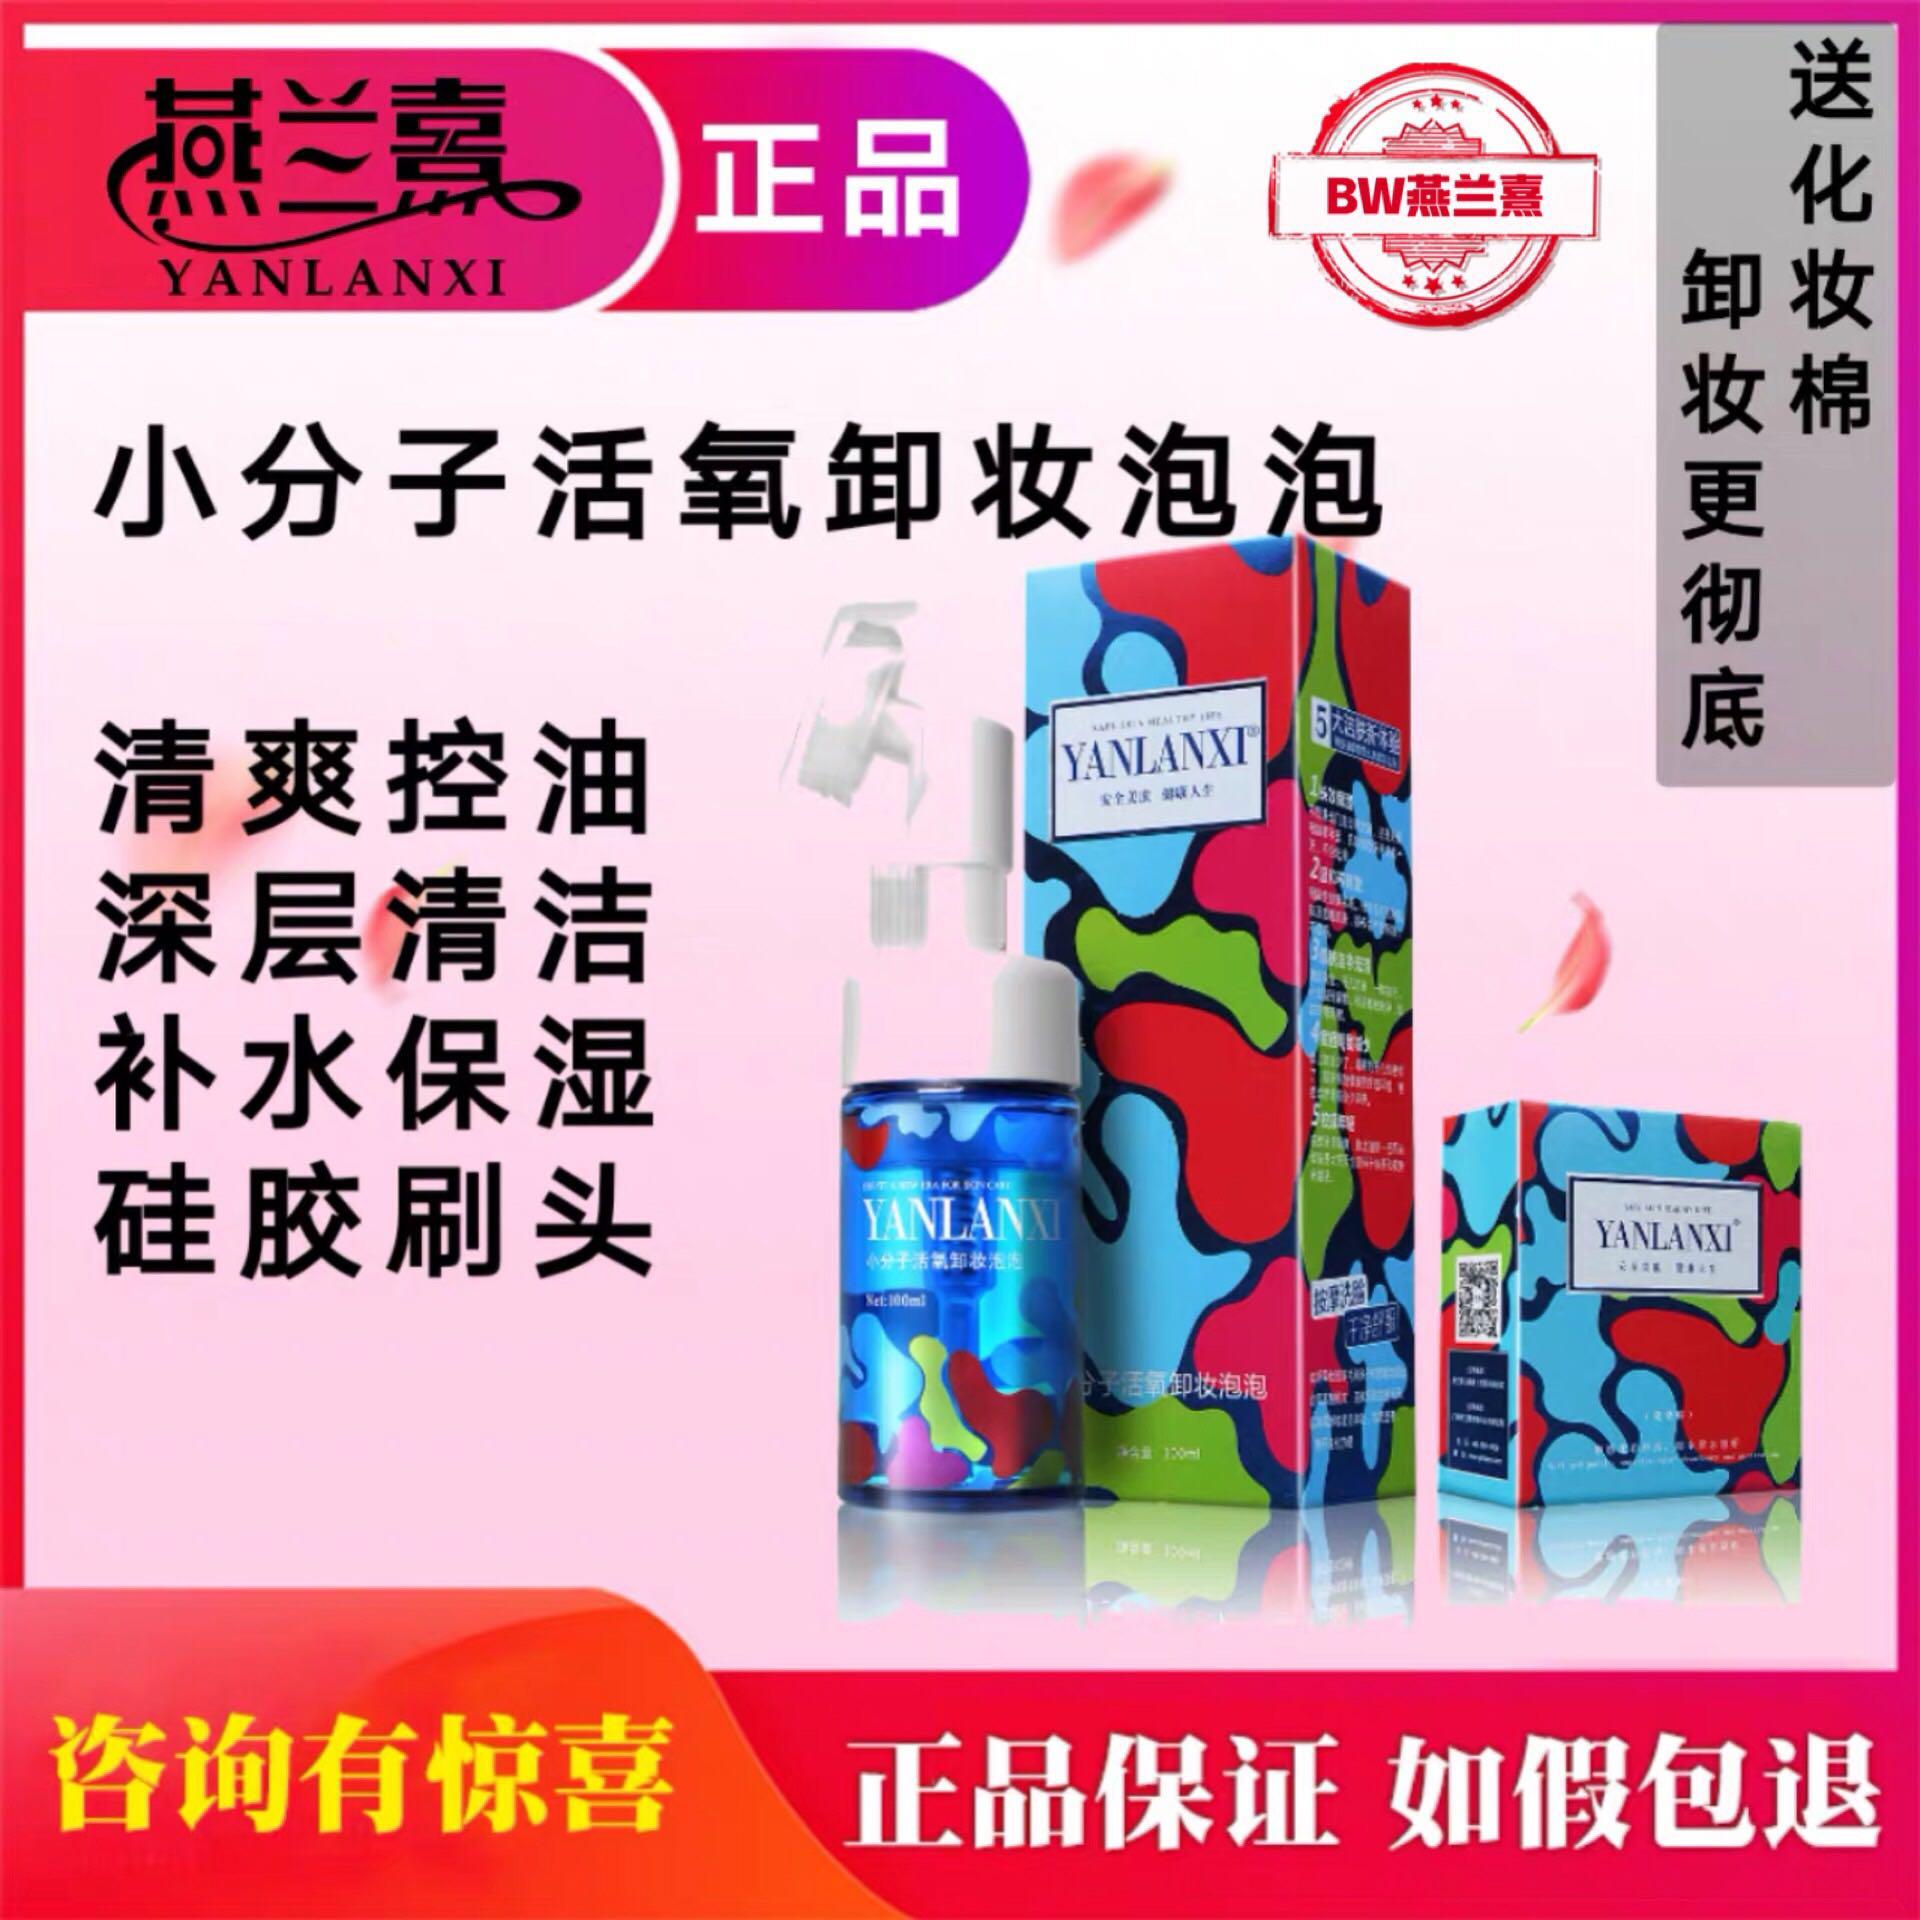 小分子惊爆燕兰熹清洁正常规格中国粉刺黑头神器睁眼可以卸妆洁净